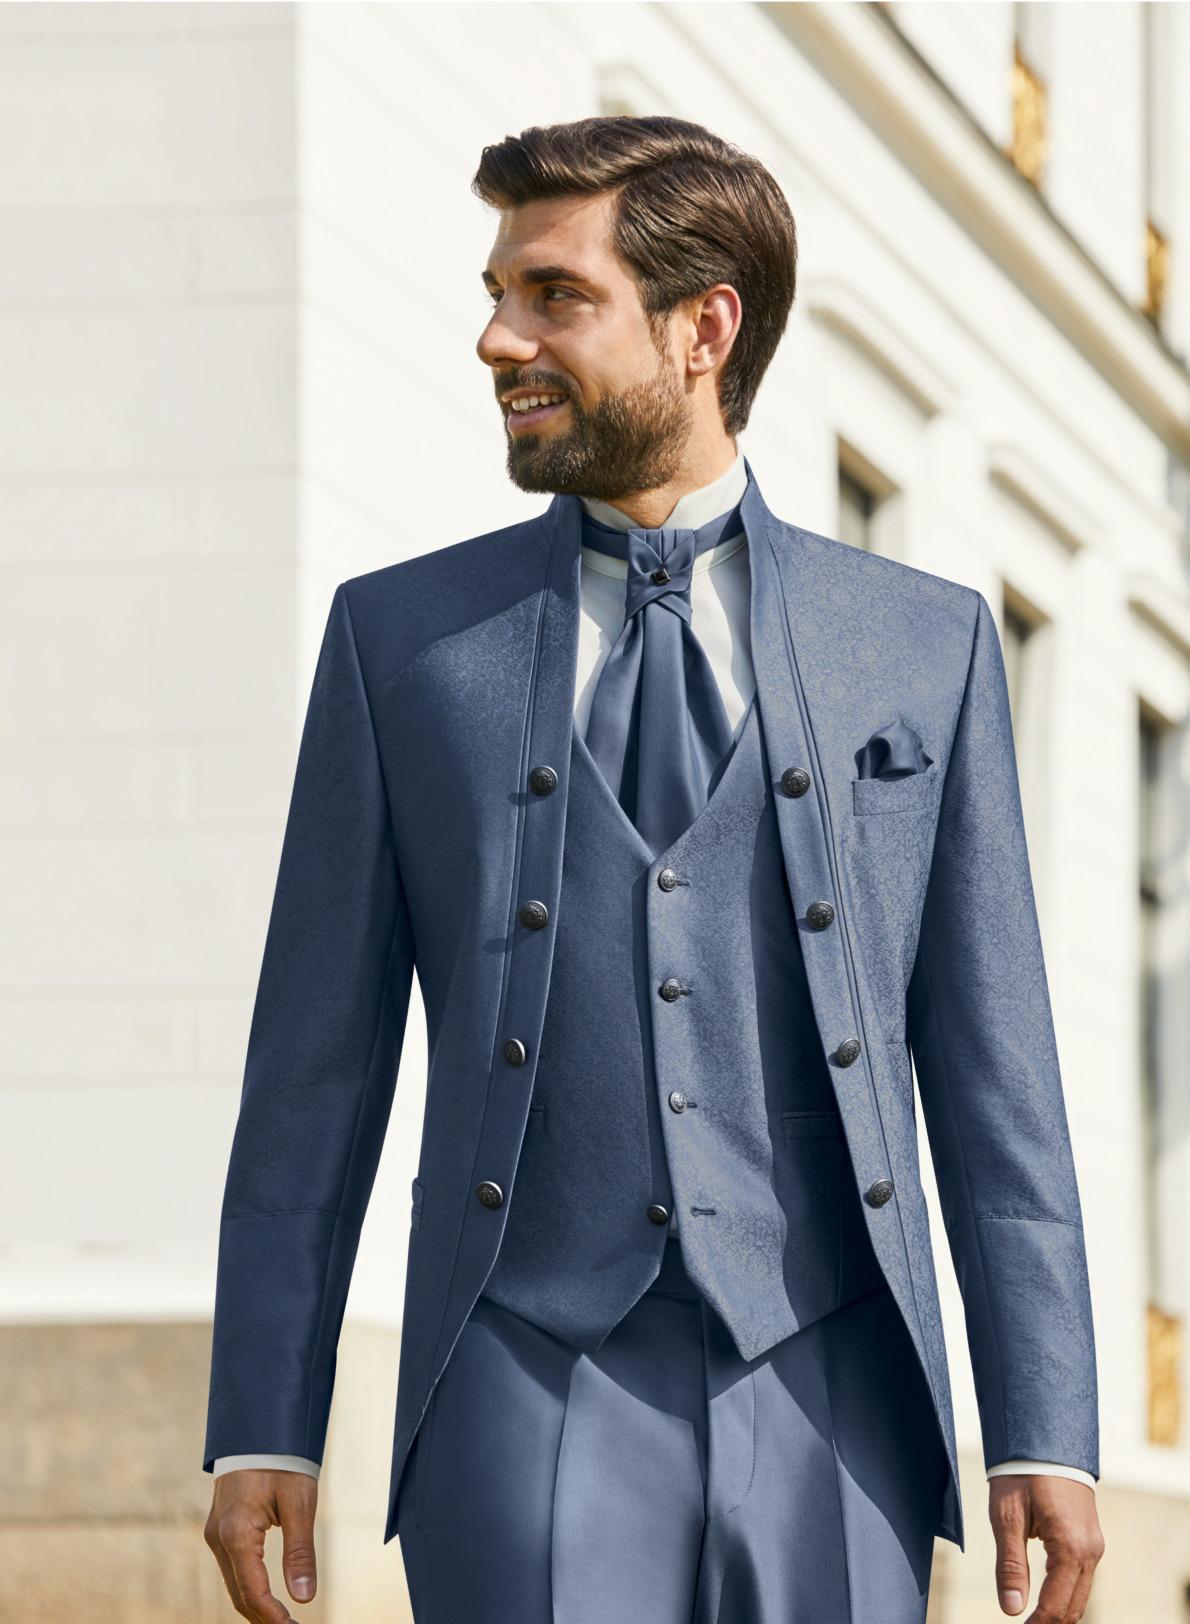 Wilvorst Tziacco Hochzeitsanzug Männer Mode Bräutigam extravagant mittelblau hellblau wil_0121_kam_tz-Look4_1